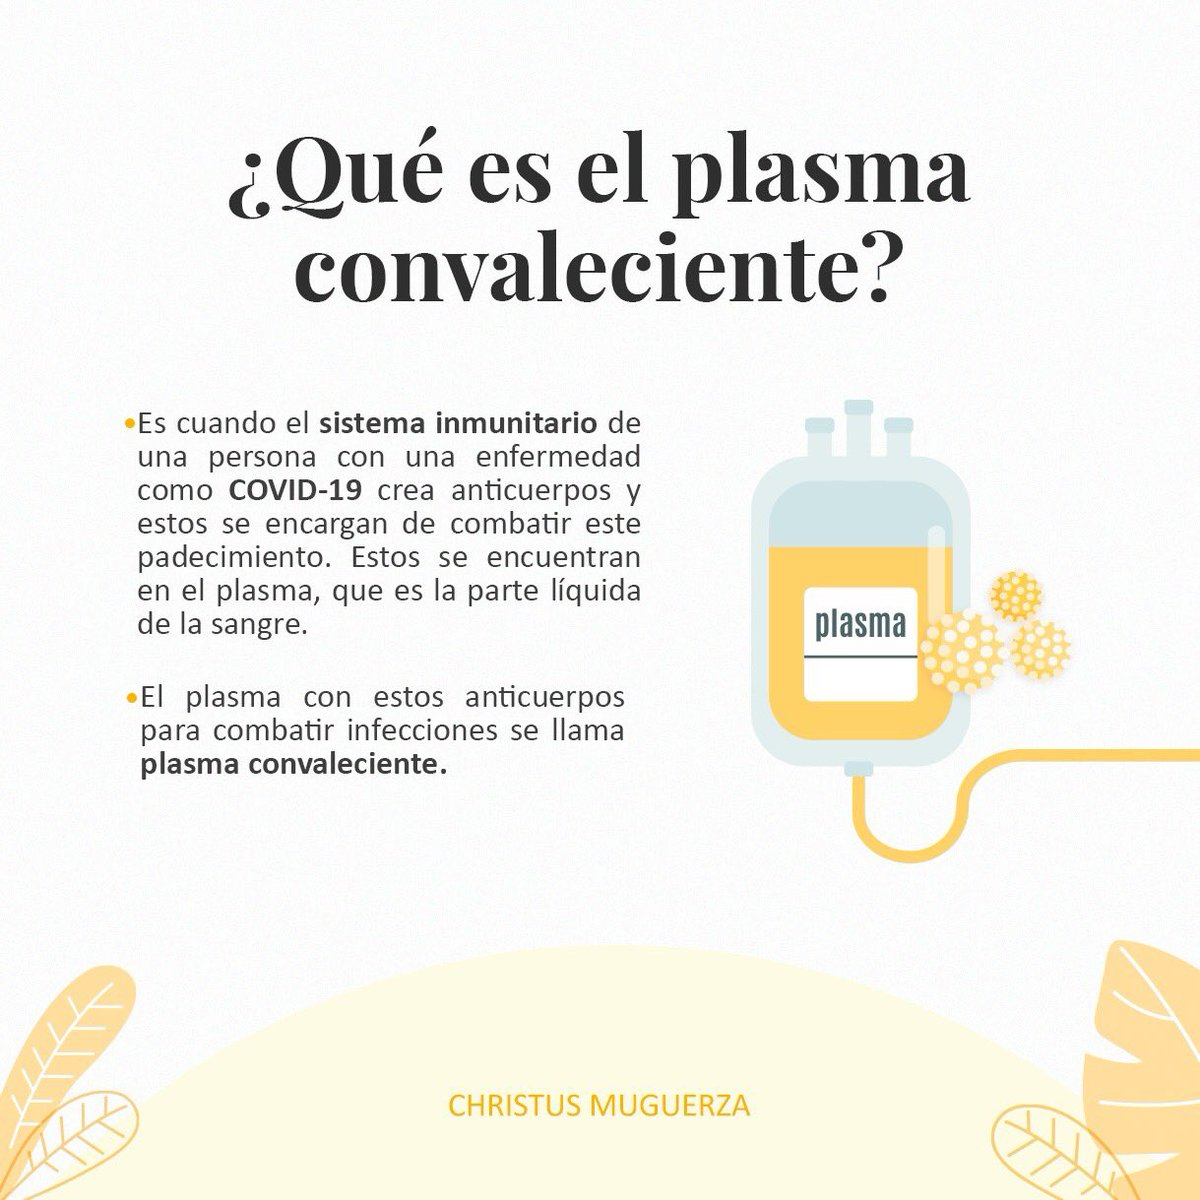 Conoce qué es el plasma convaleciente. Si has dado positivo a COVID-19, tus #anticuerpos podrían ayudar a aquellos que actualmente están enfermos con el virus.   Agenda tu cita en: https://t.co/uBoVaj4vpi #DonarÉstaEnTuSangre. https://t.co/daefoe7kGJ